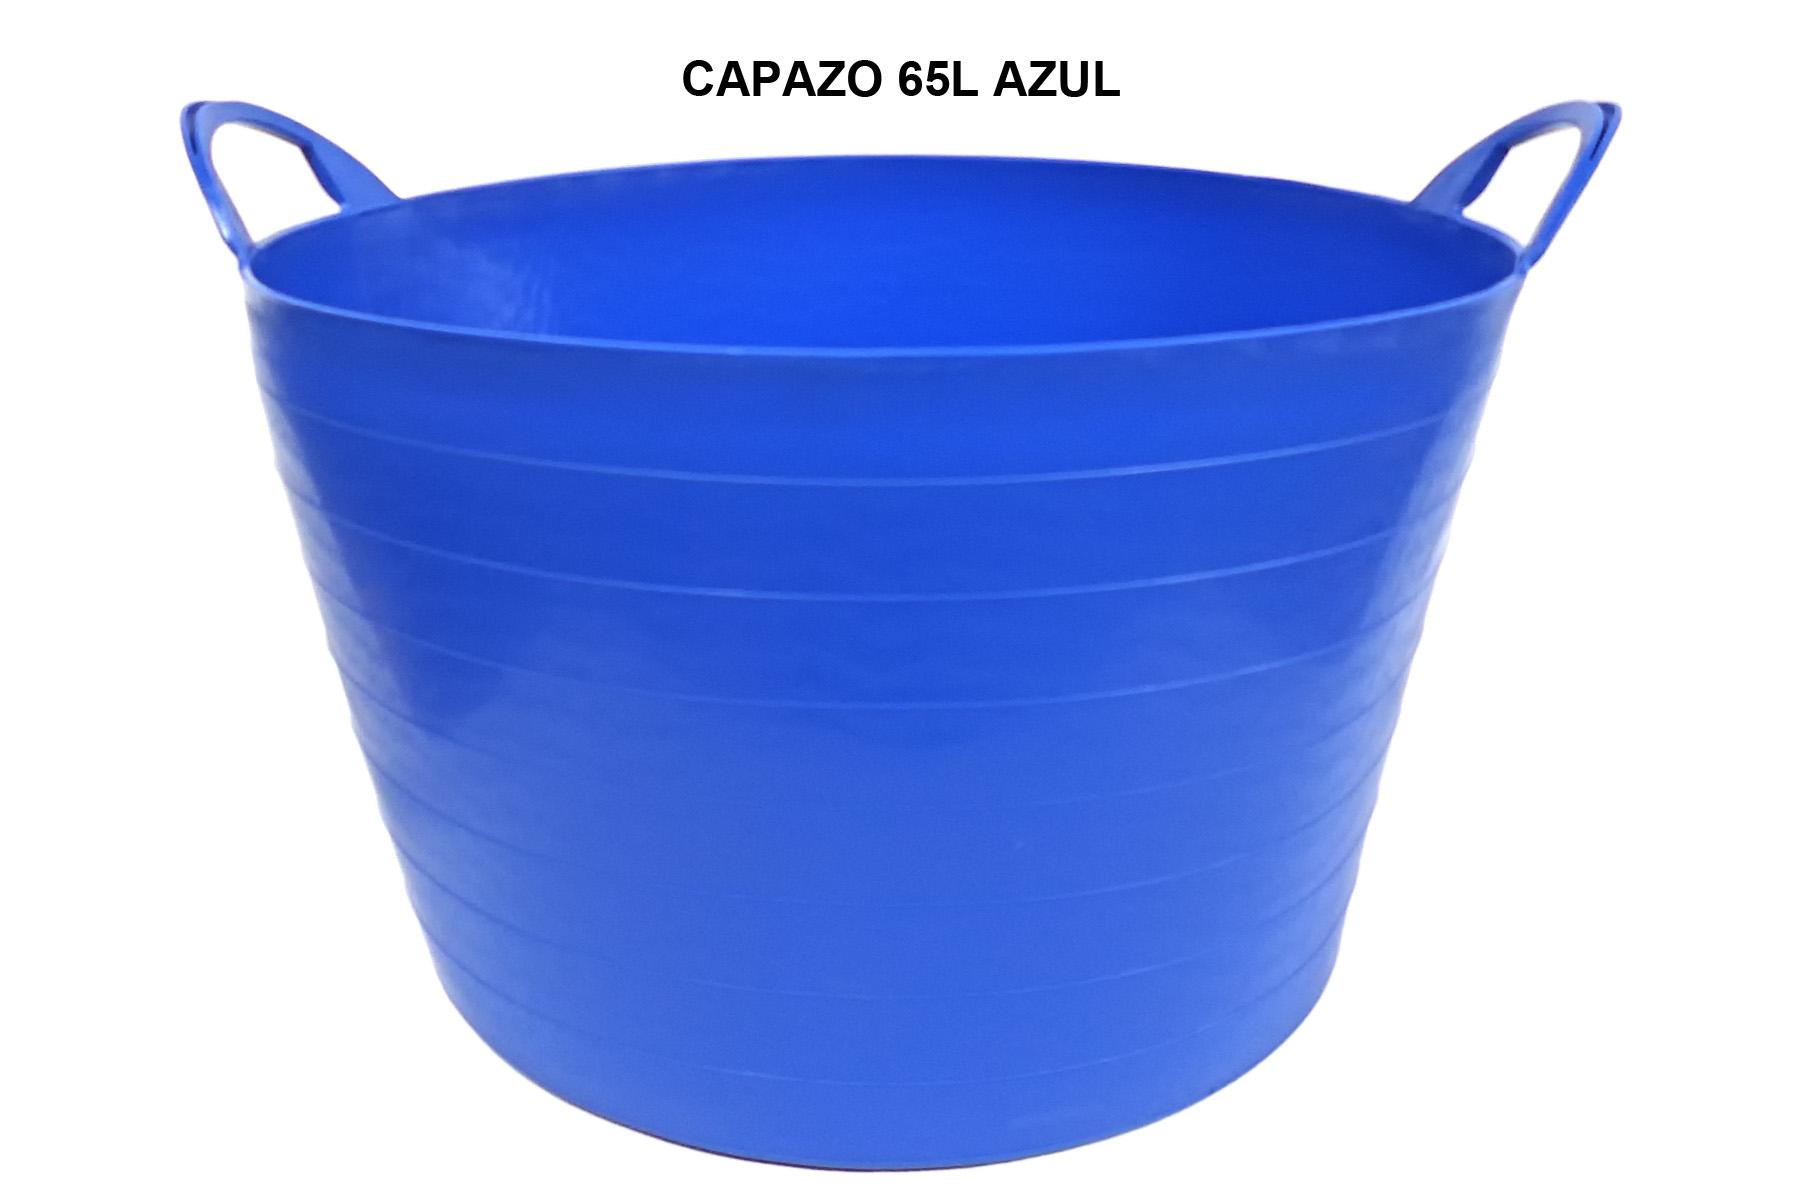 CAPAZO 65L AZUL